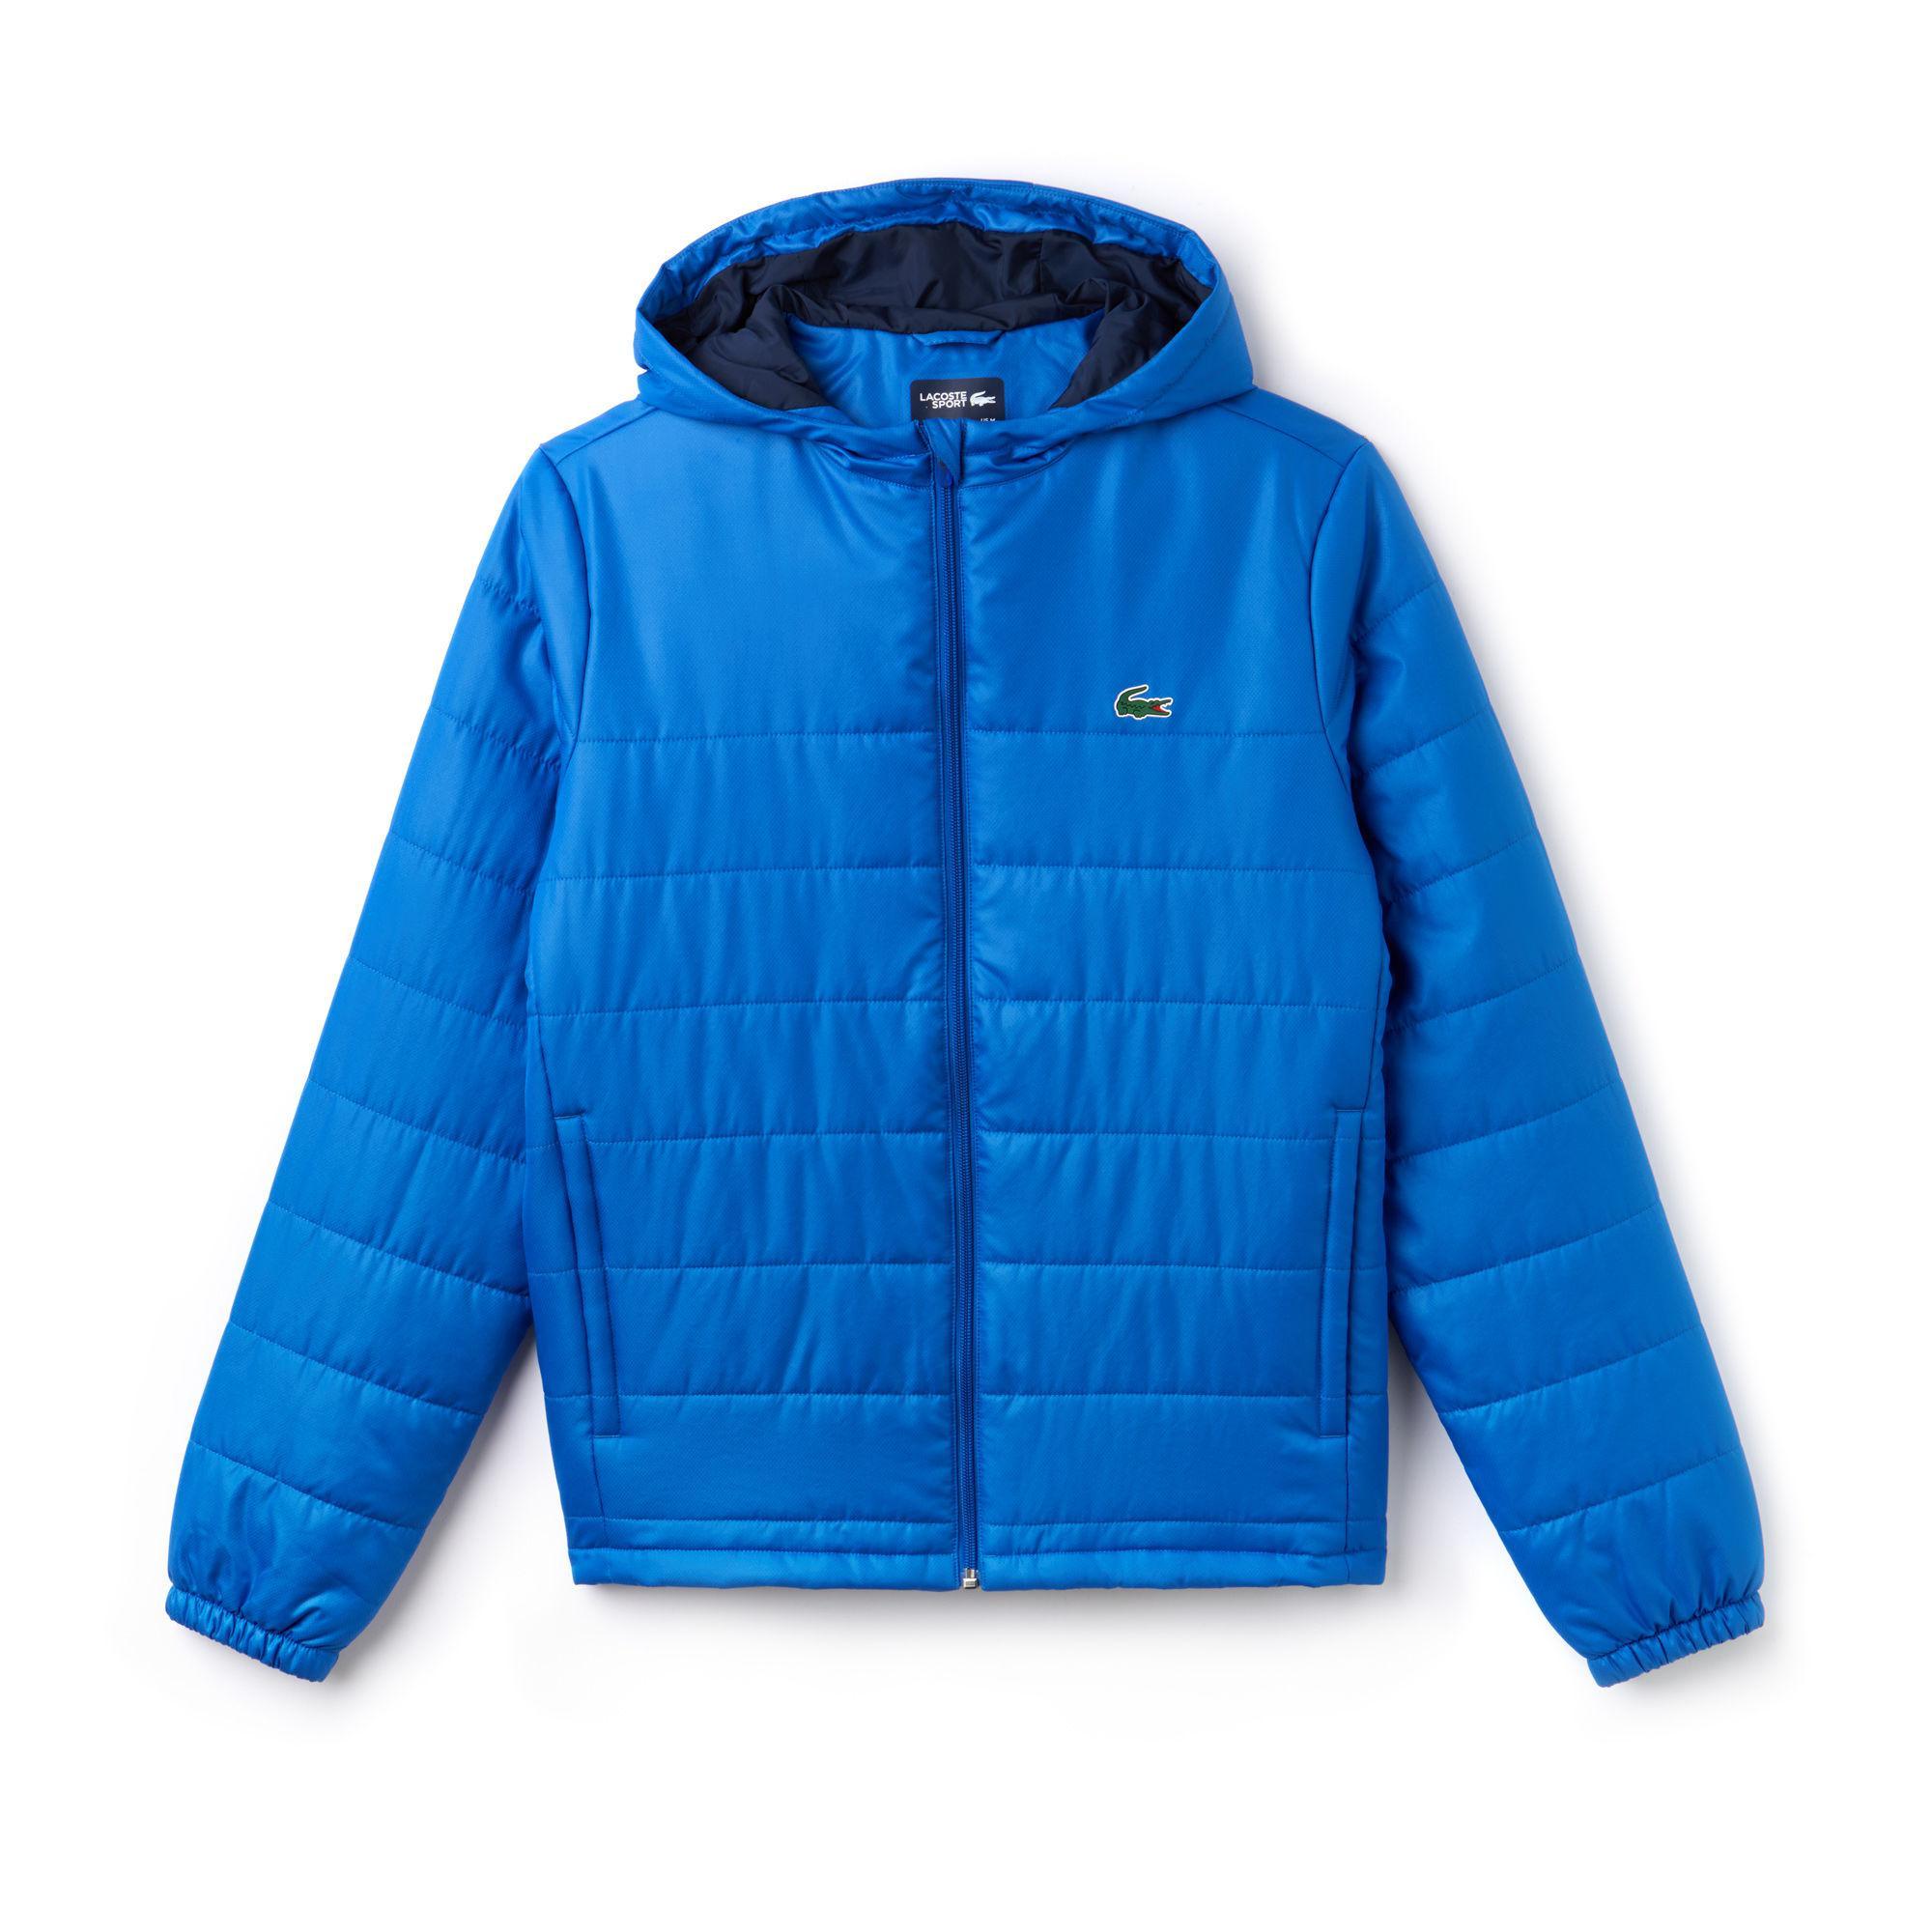 b43b0738d1 Lyst - Lacoste Sport Hooded Water-resistant Taffeta Tennis Jacket in ...